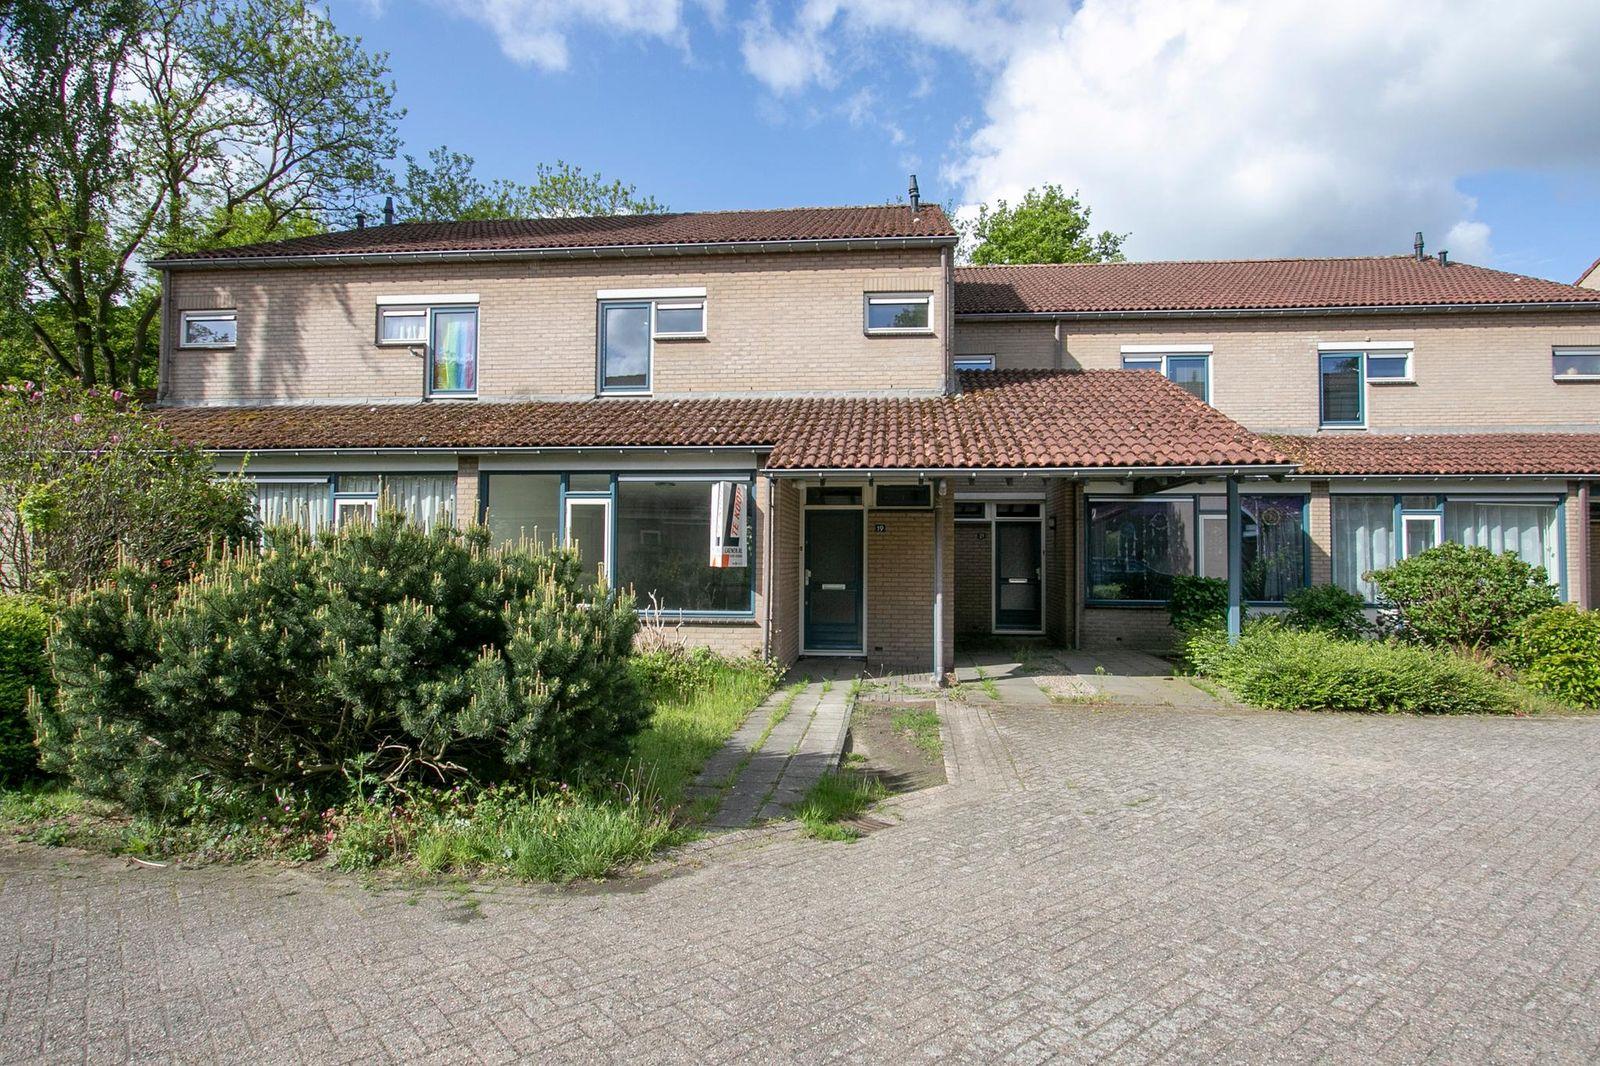 Bomansstraat 19, Weert